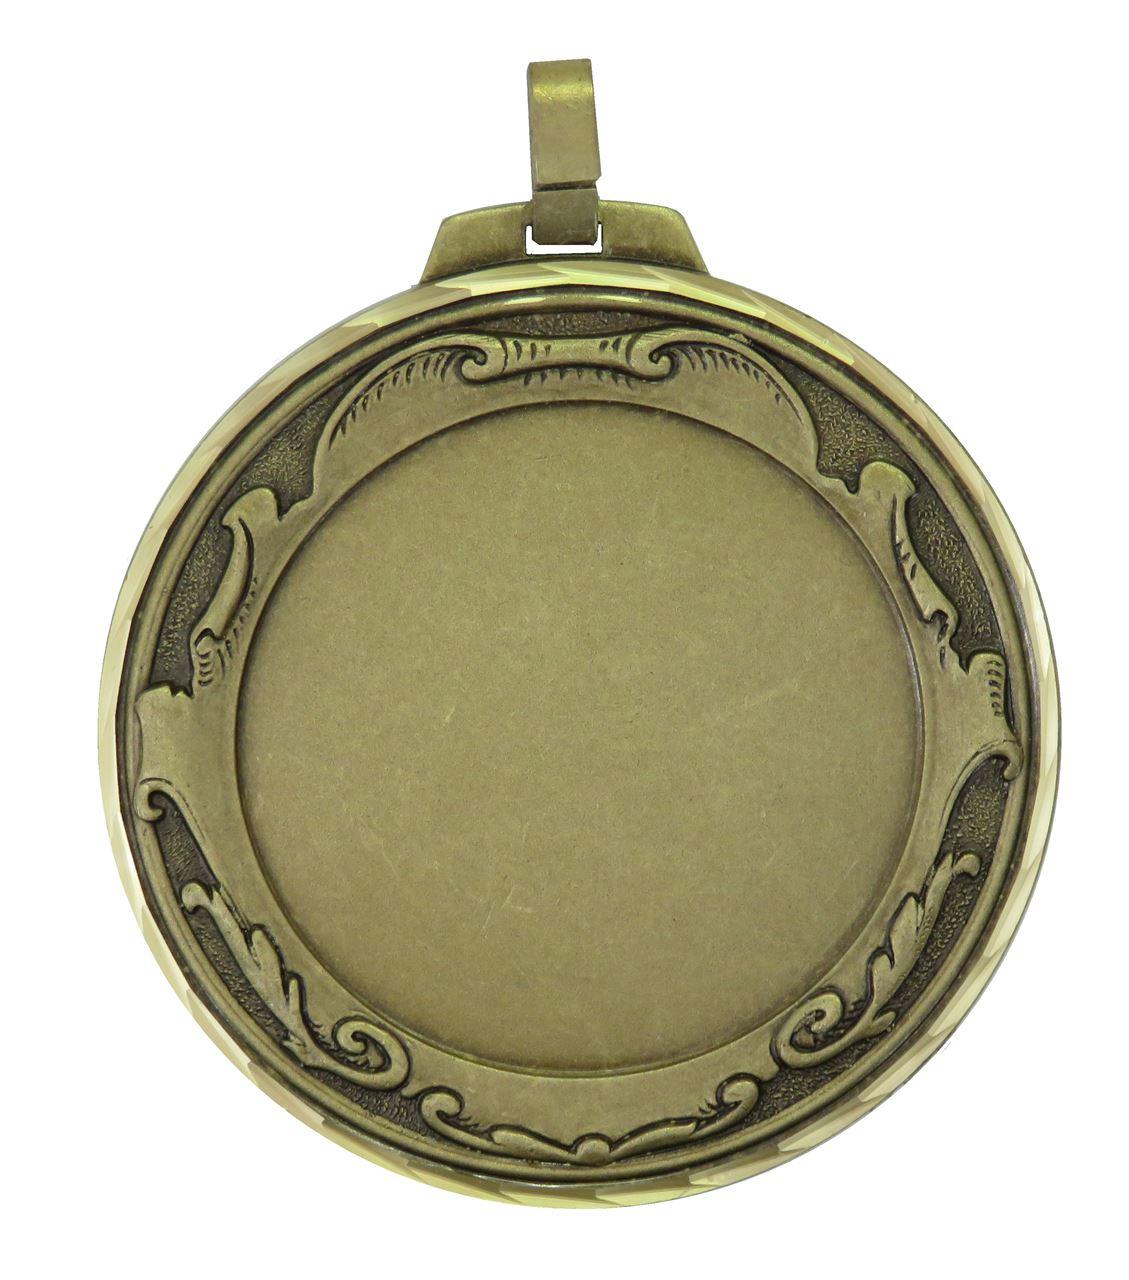 Broze Faceted Royal Medal (size: 70mm) - 6005FL